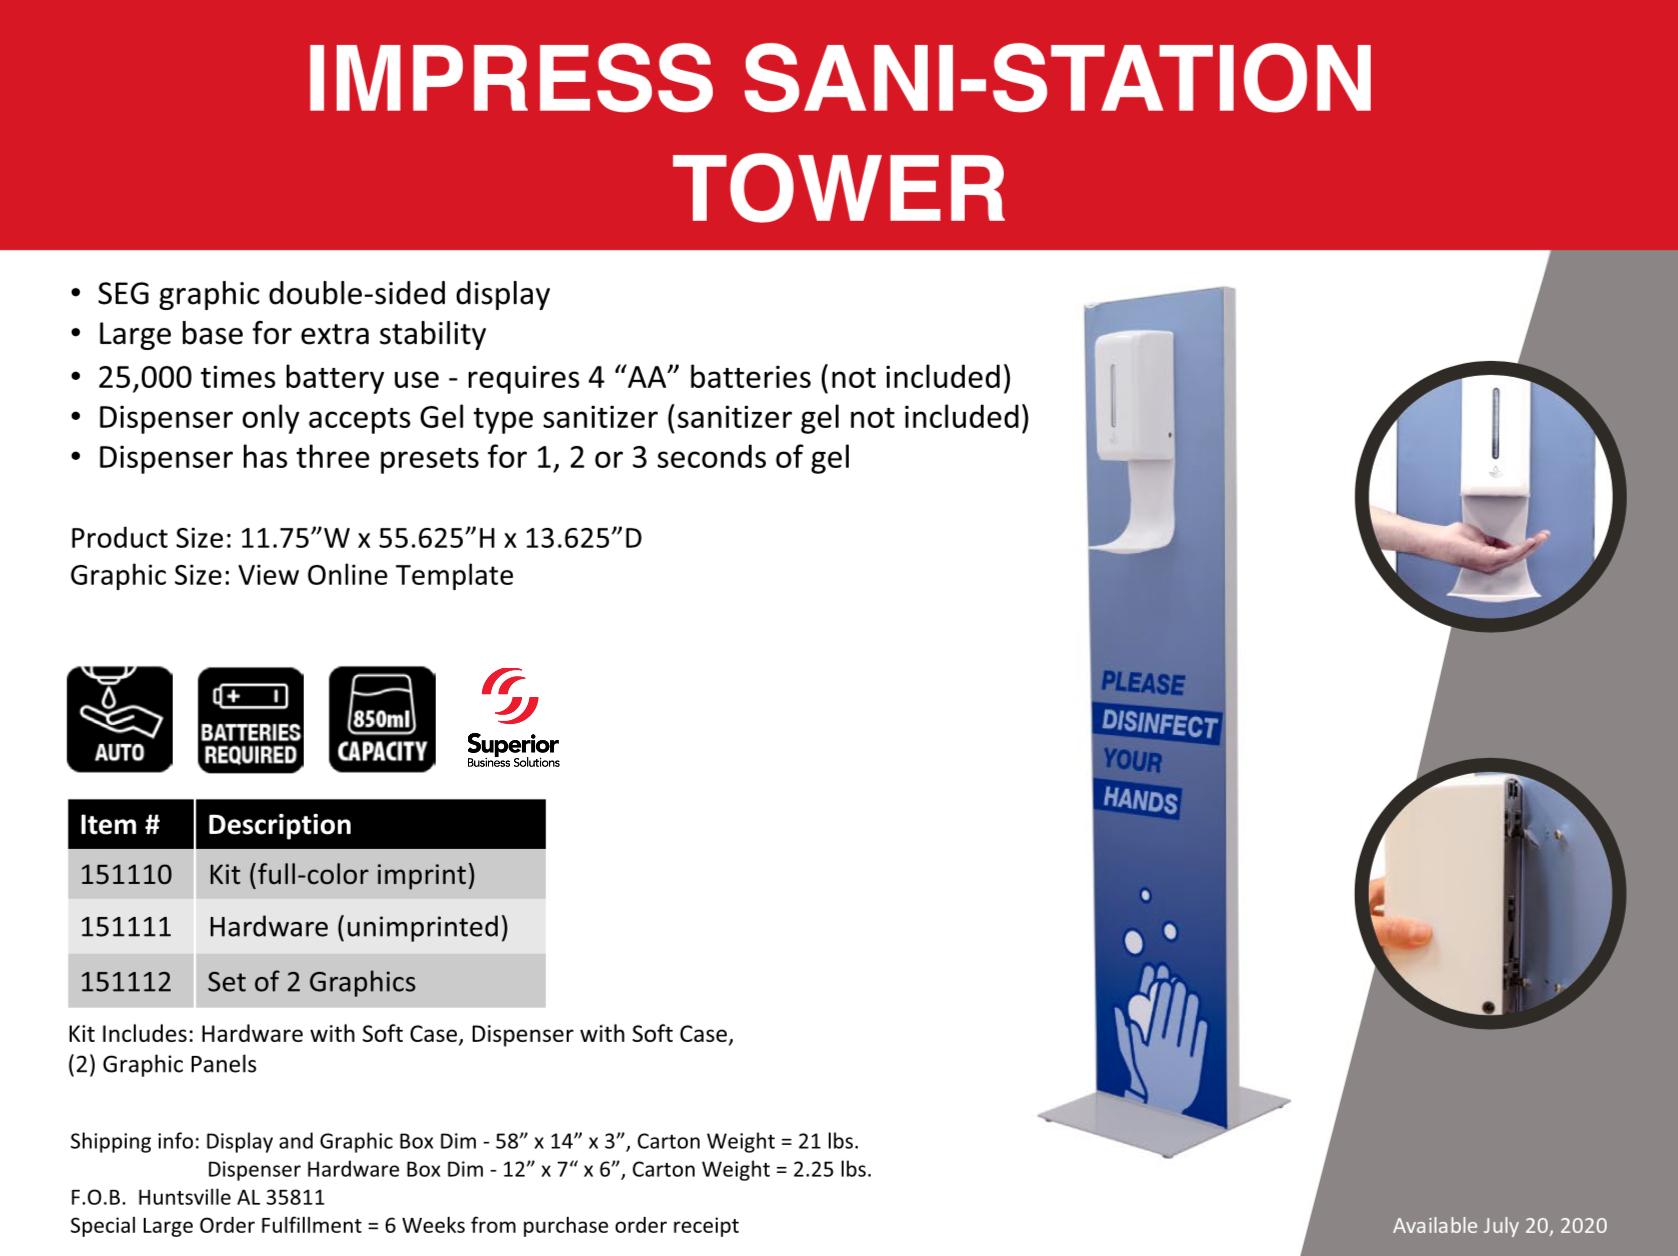 impress-sani-station-tower-for-gel-sanitizer